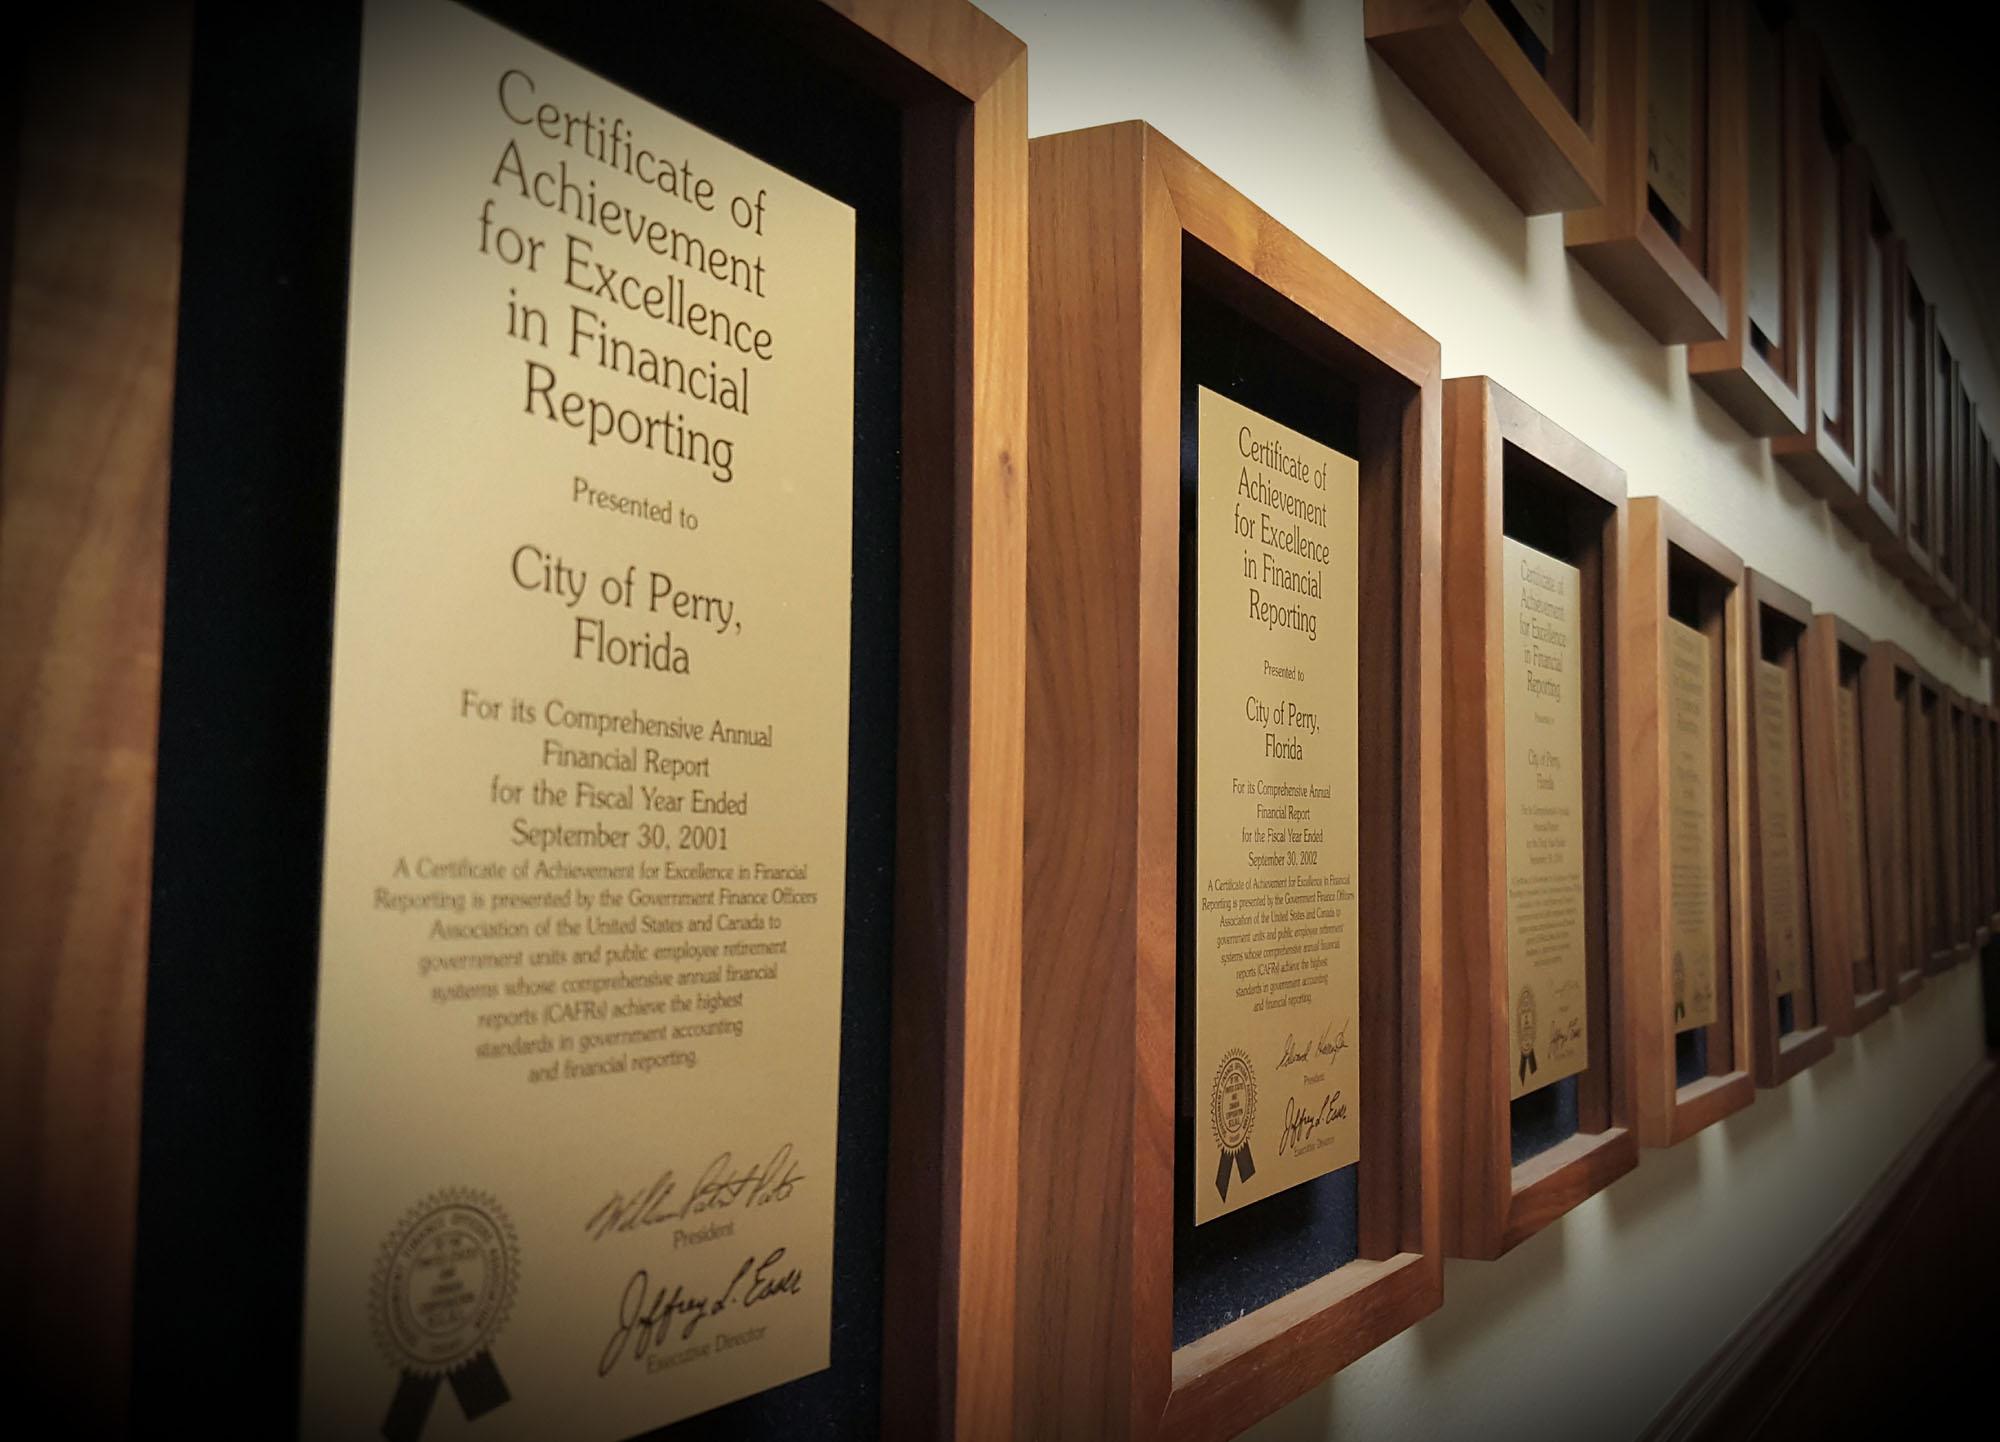 Financial Reporting awardsedited